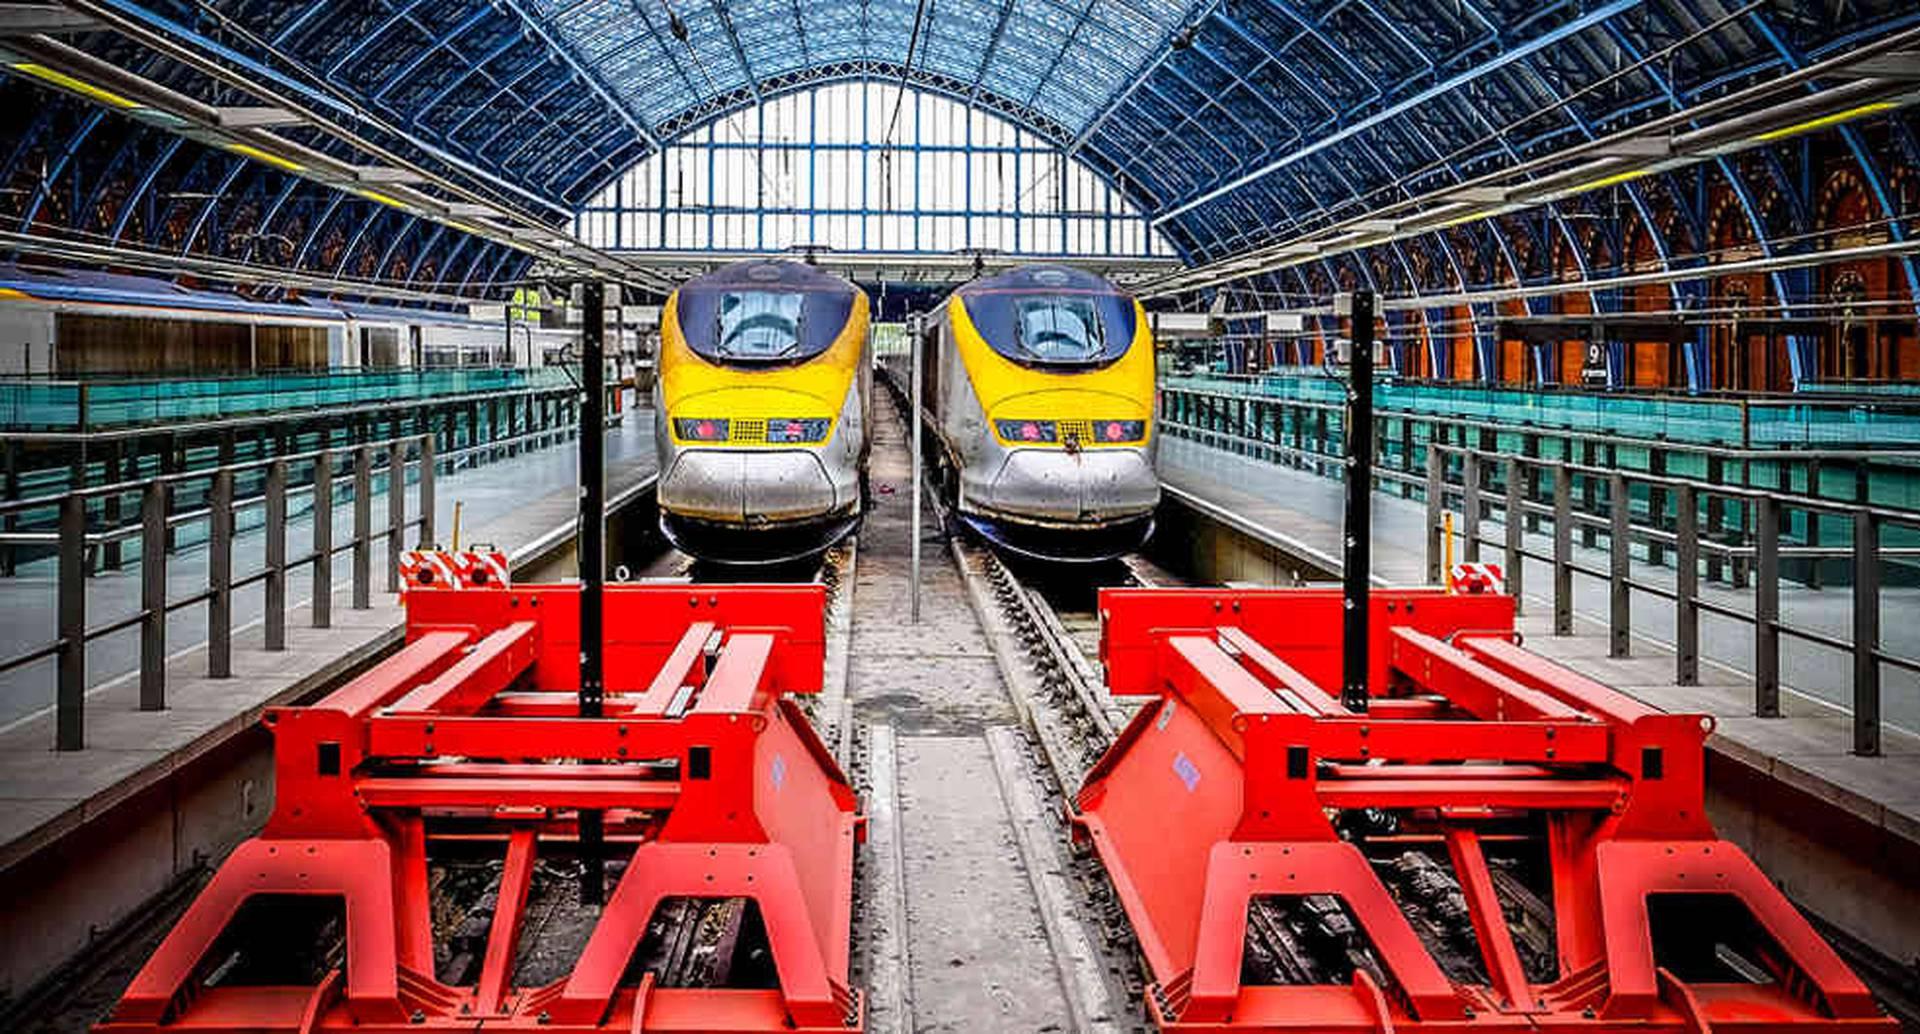 El sistema ferroviario de Estados Unidos y algunos en el Reino Unido fueron financiados dando tierras en reposición o el derecho a comprar los terrenos cercanos a las vías.